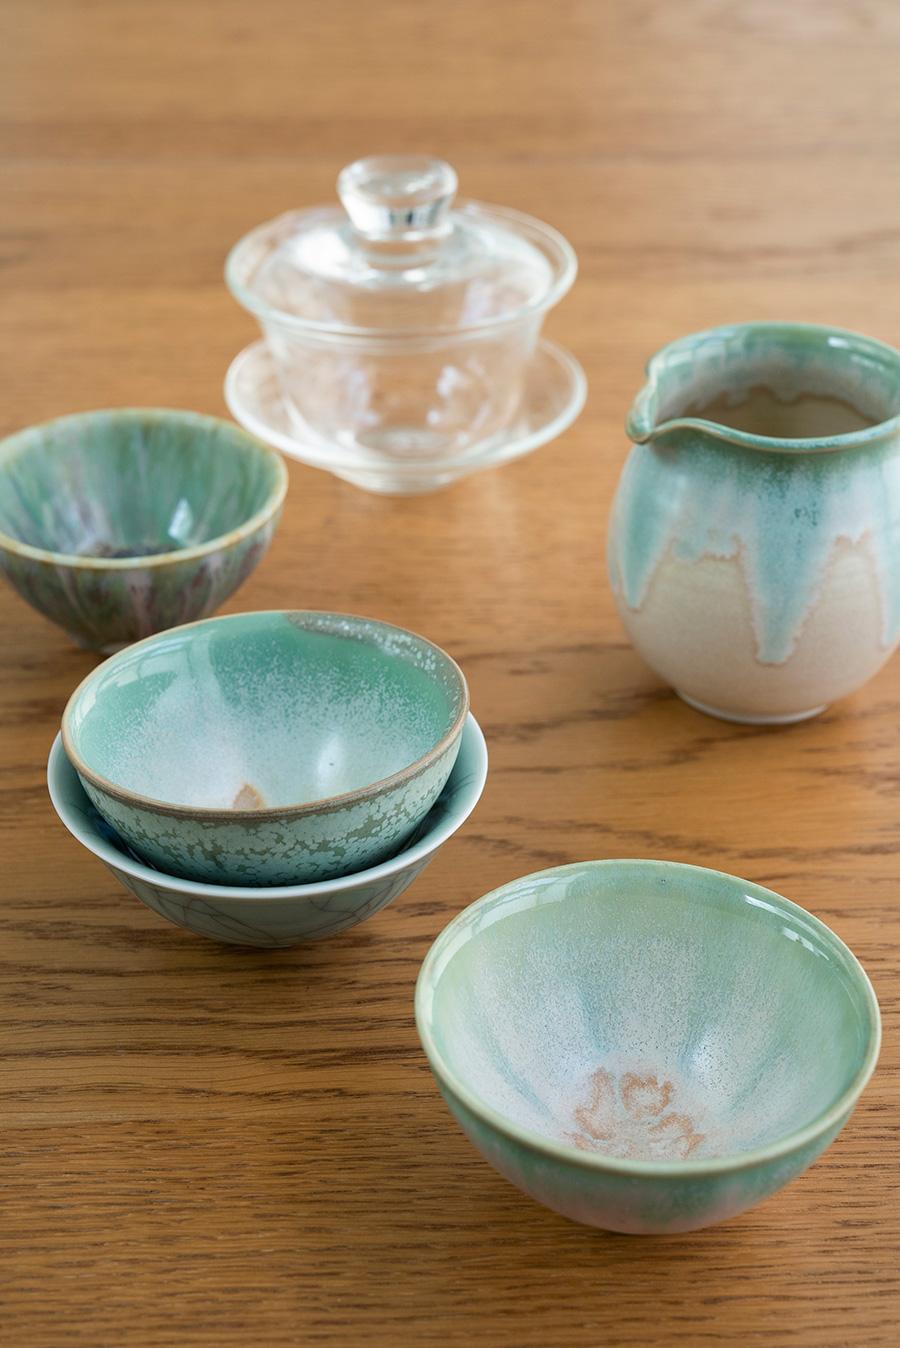 台北から電車で30分の陶磁器の街、鶯歌で買った青磁の湯のみ、台中の有名茶藝館の作家もの、ガラスの蓋椀…。自然な風合いがお気に入り。